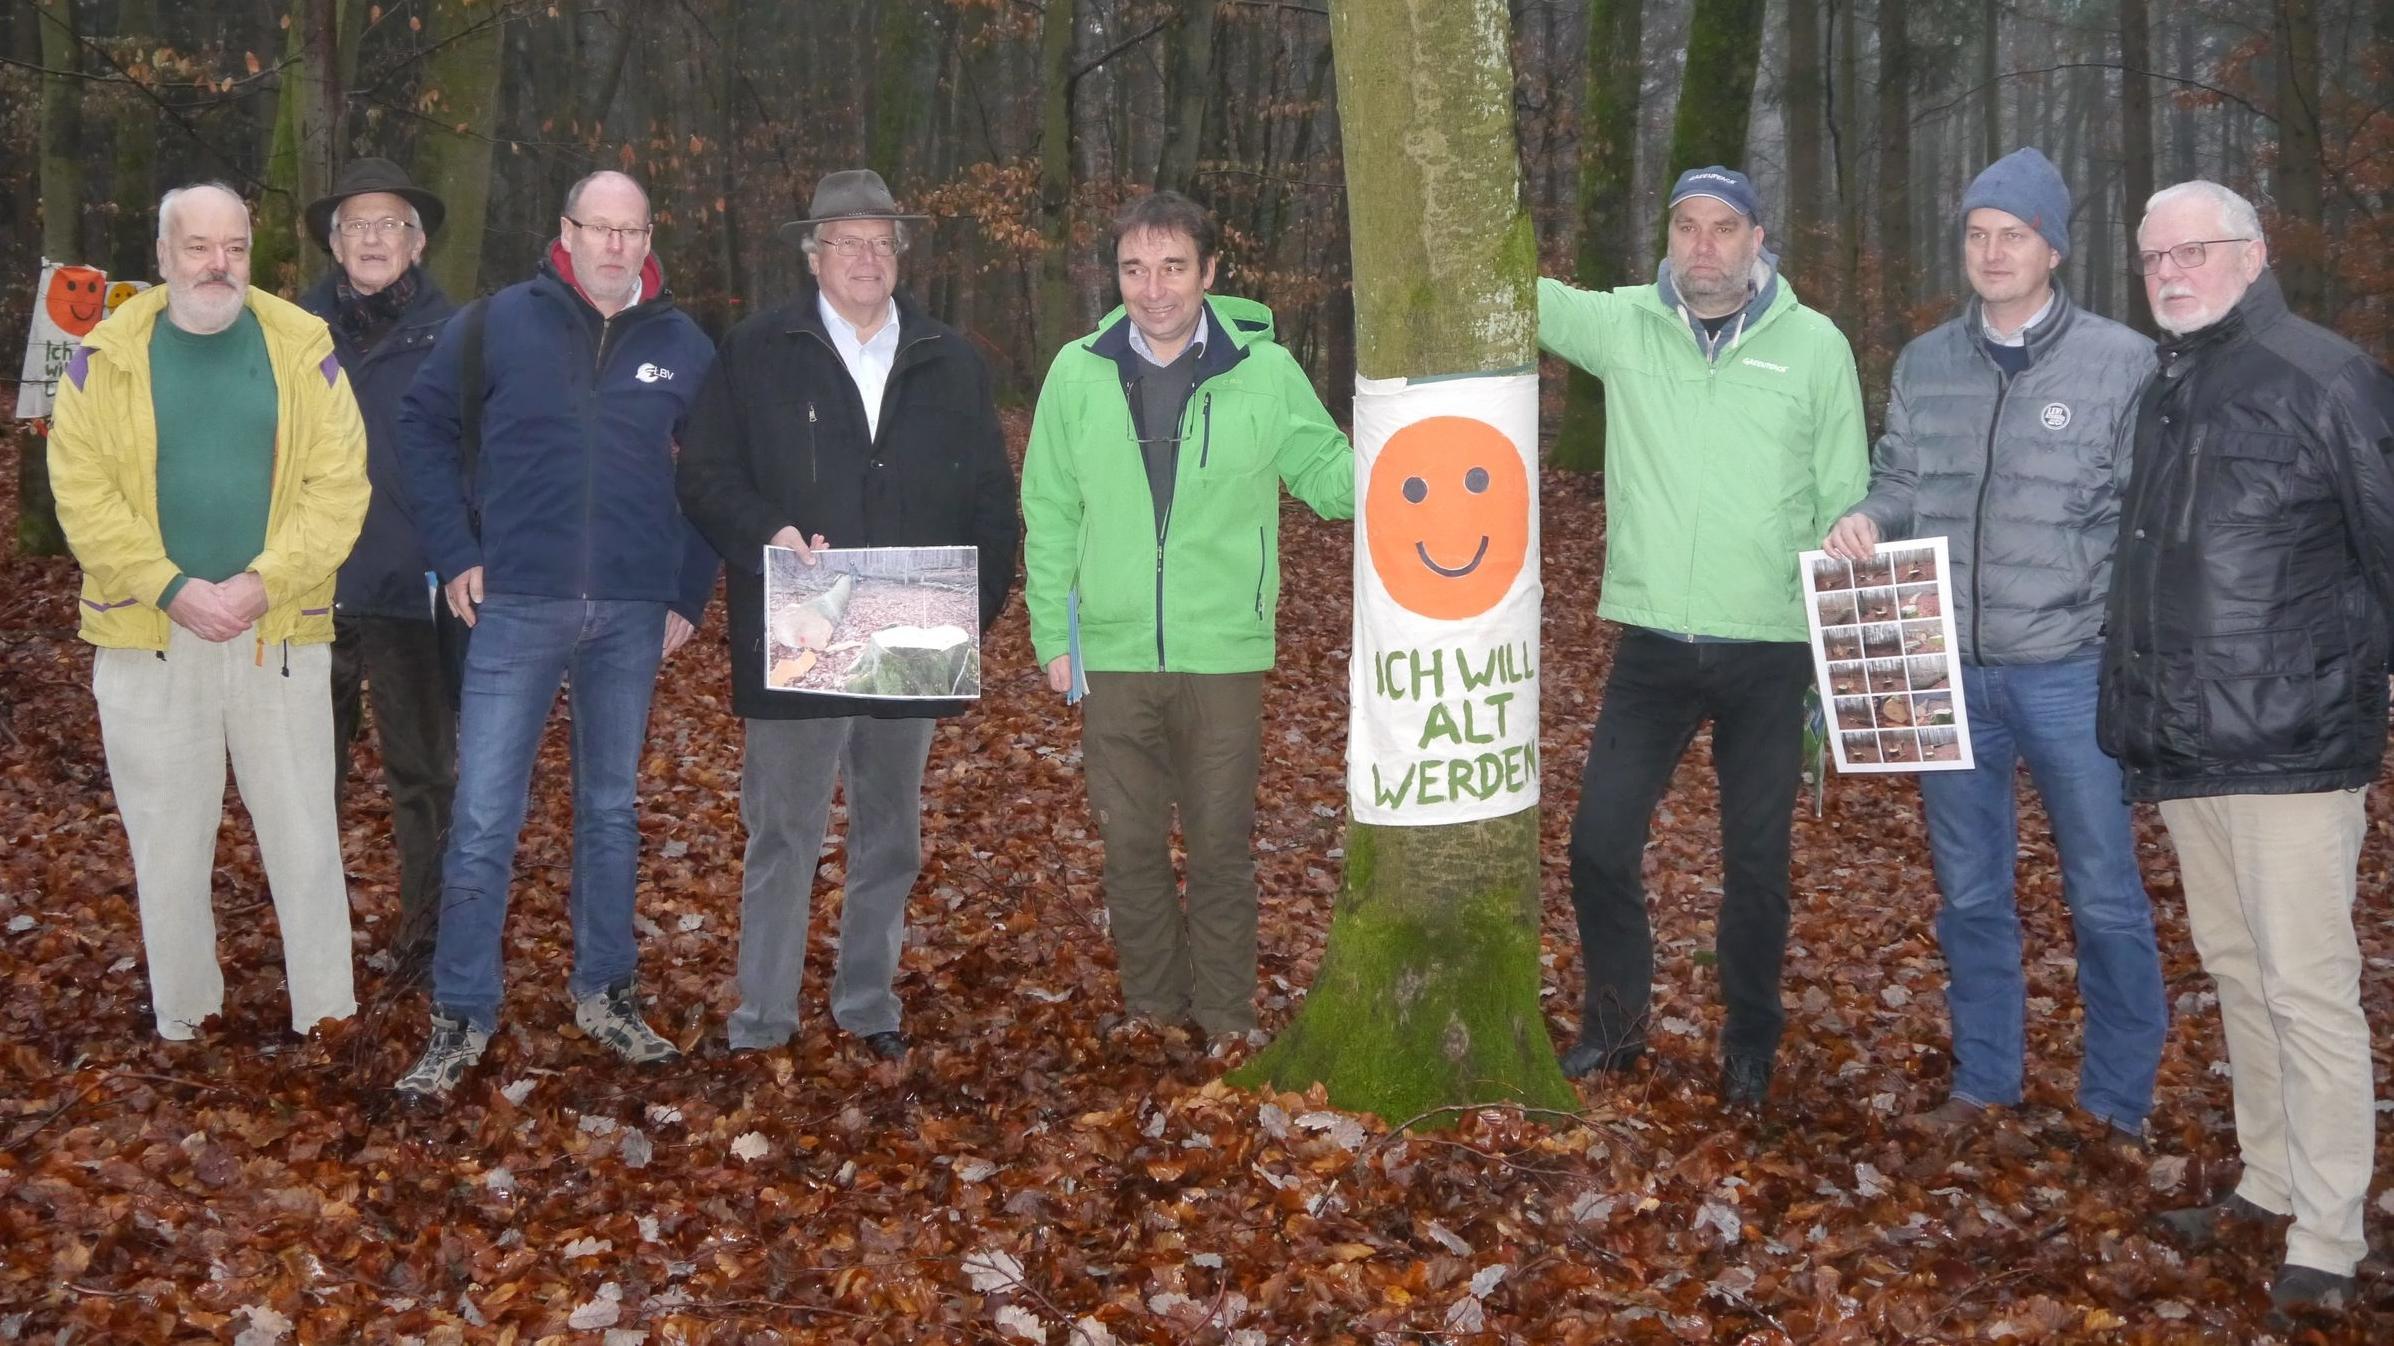 """Vertreter von Umweltverbänden bei einer Pressekonferenz im Steigerwald. Acht Männer stehen neben Bäumen. An einem Baum hängt ein Schild mit der Aufschrift """"Ich will alt werden""""."""